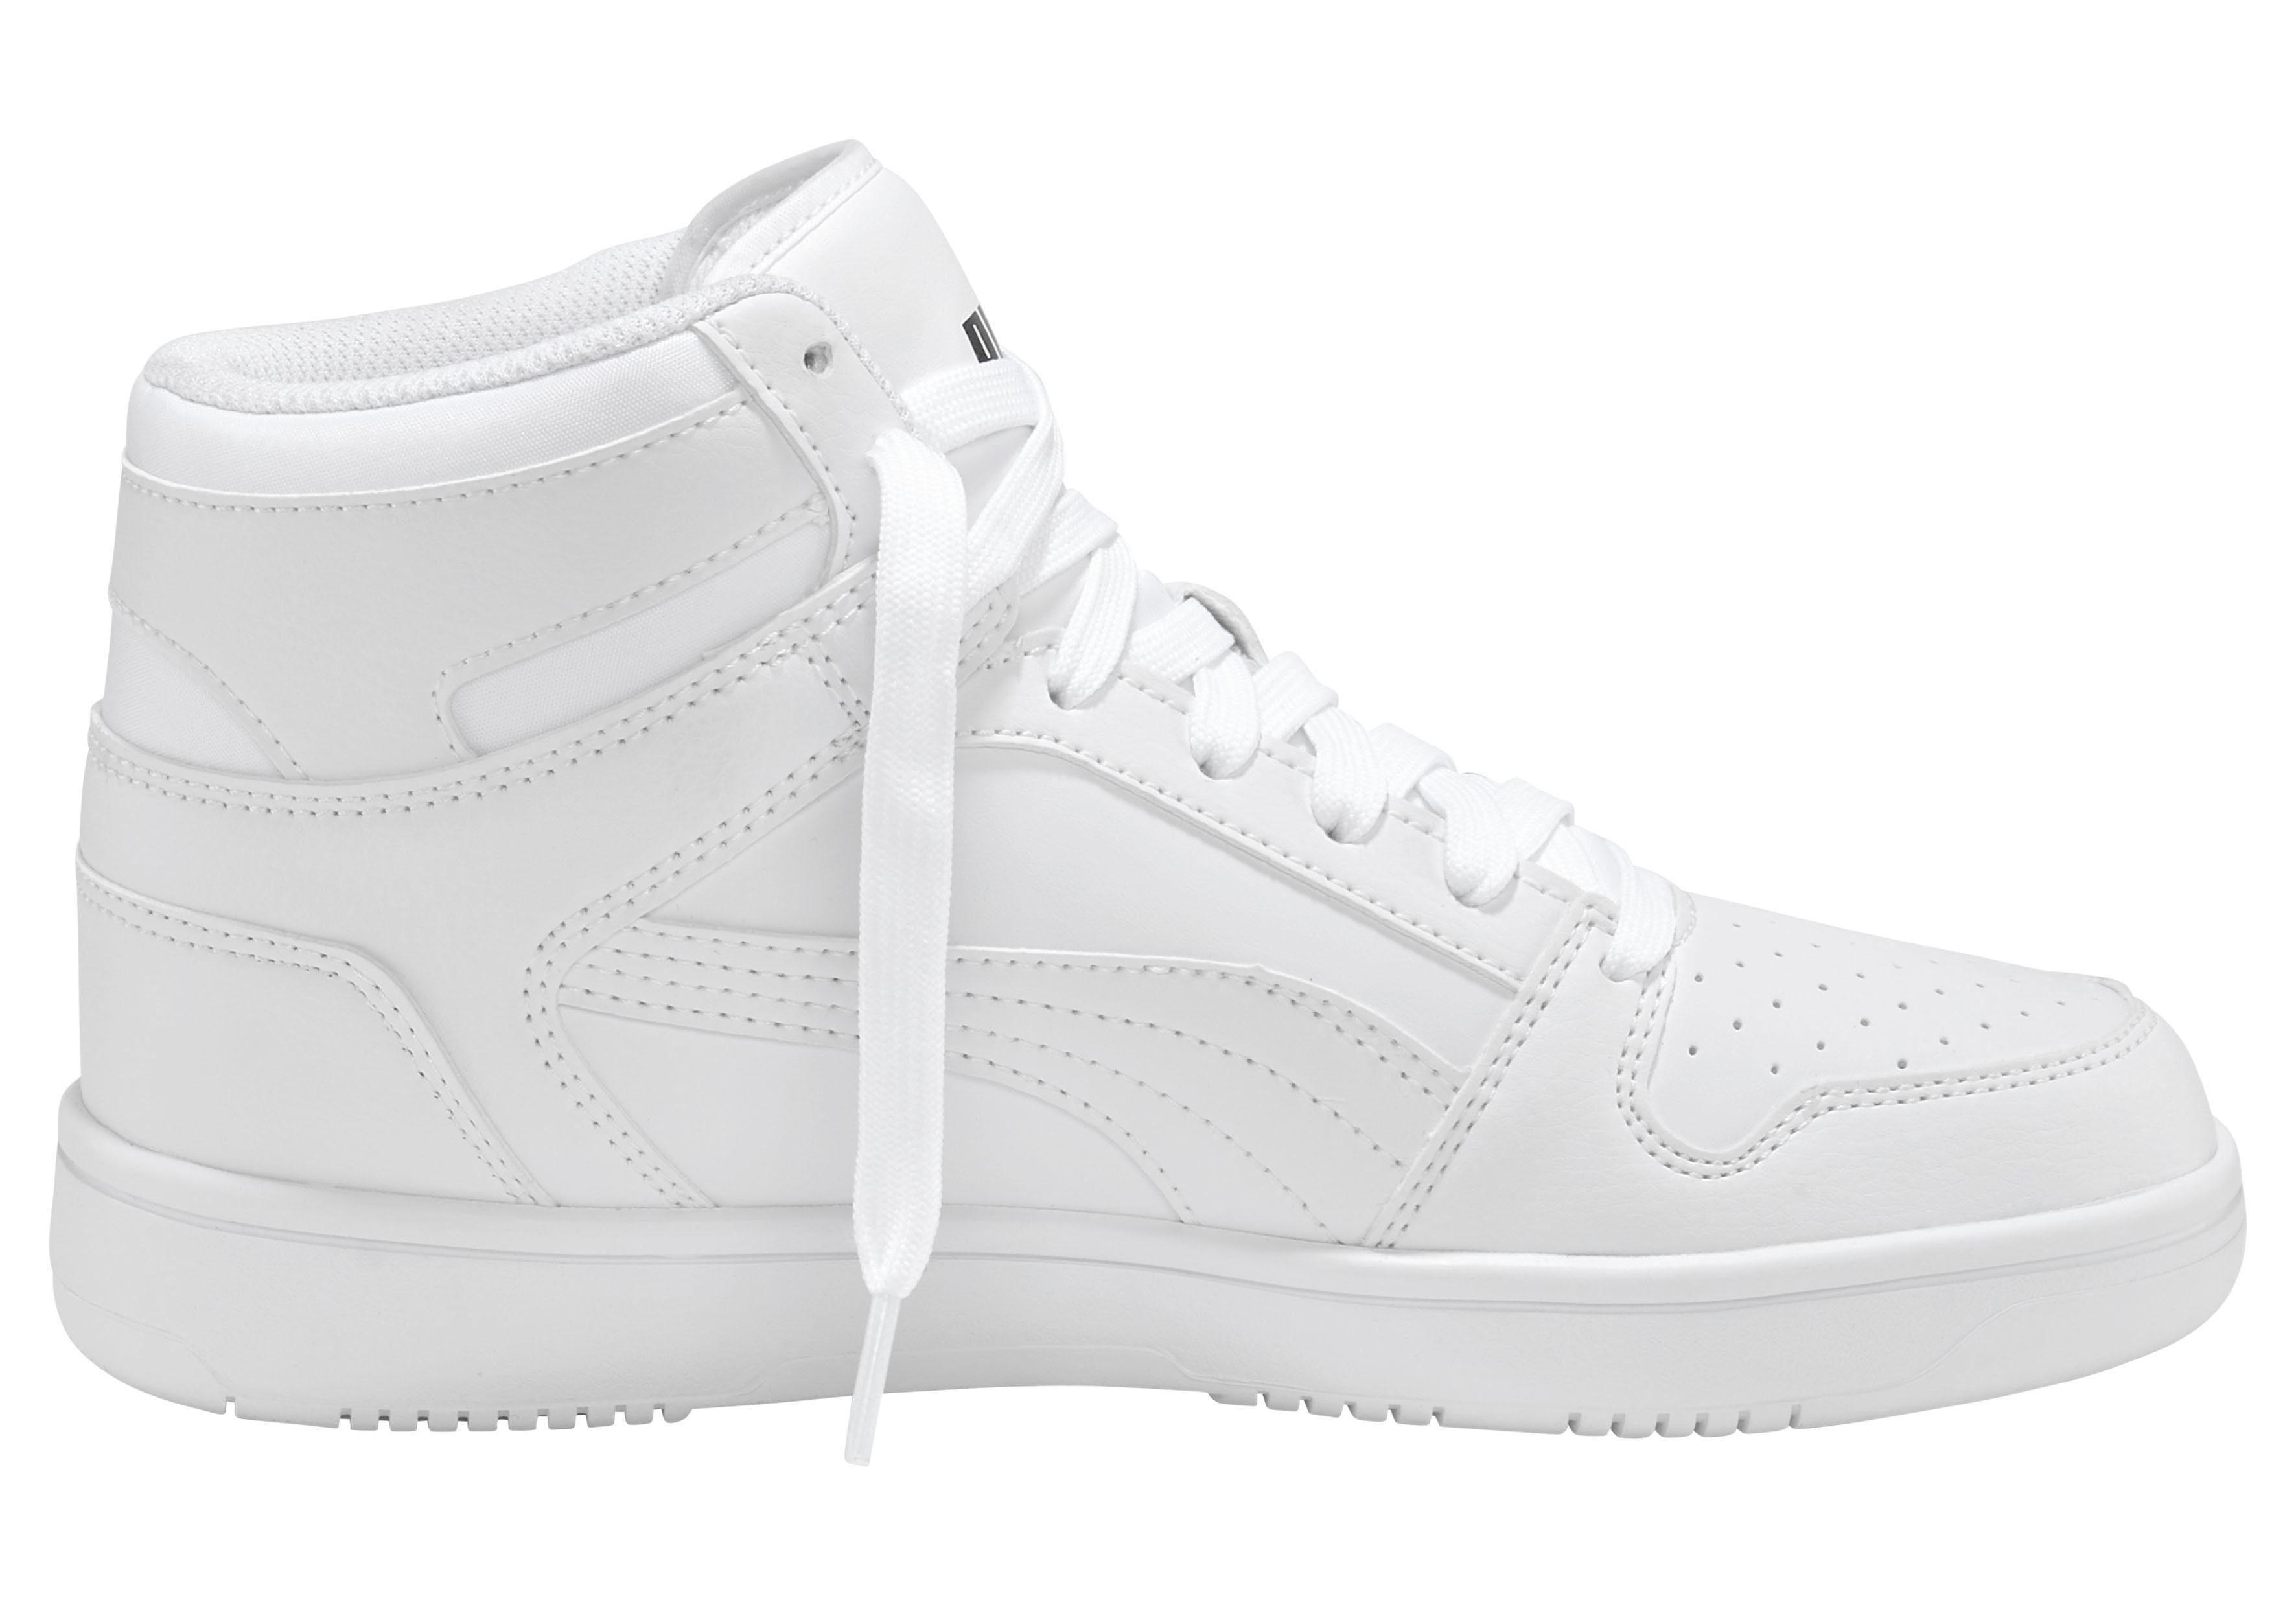 PUMA »Puma Rebound LayUp L« Sneaker, Knöchelhoher Sneaker von Puma online kaufen | OTTO